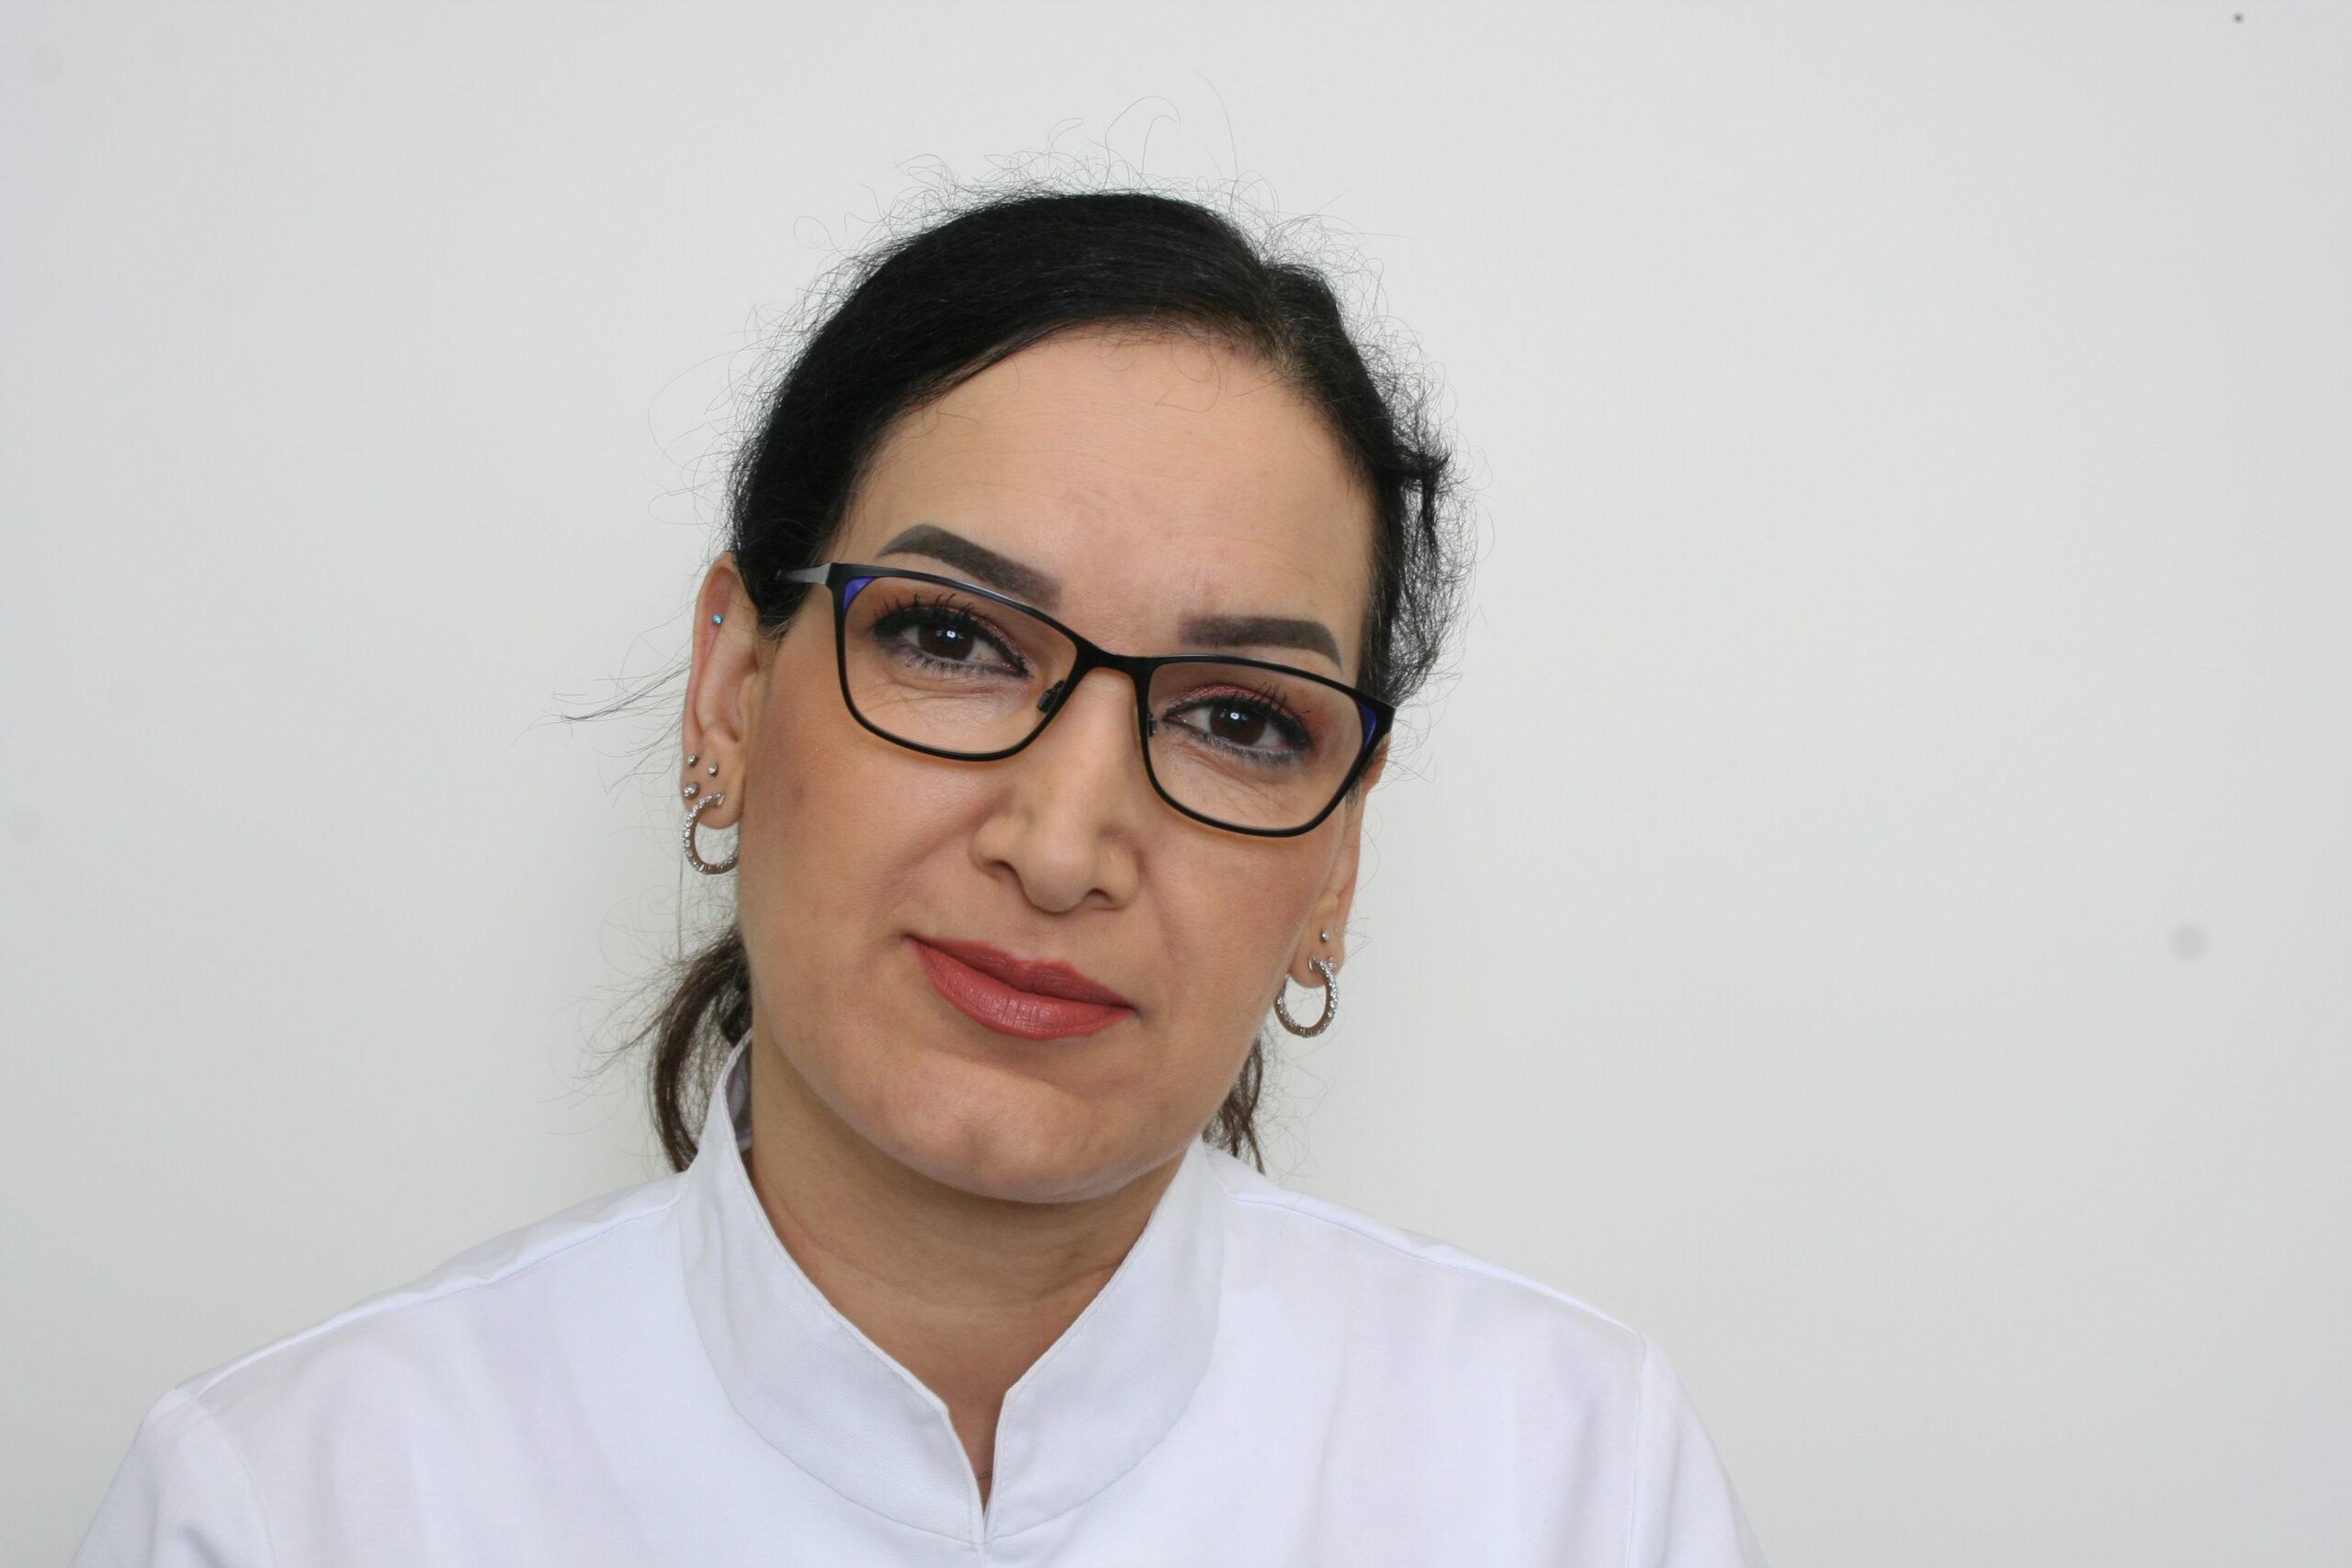 Rianne Shahbazi